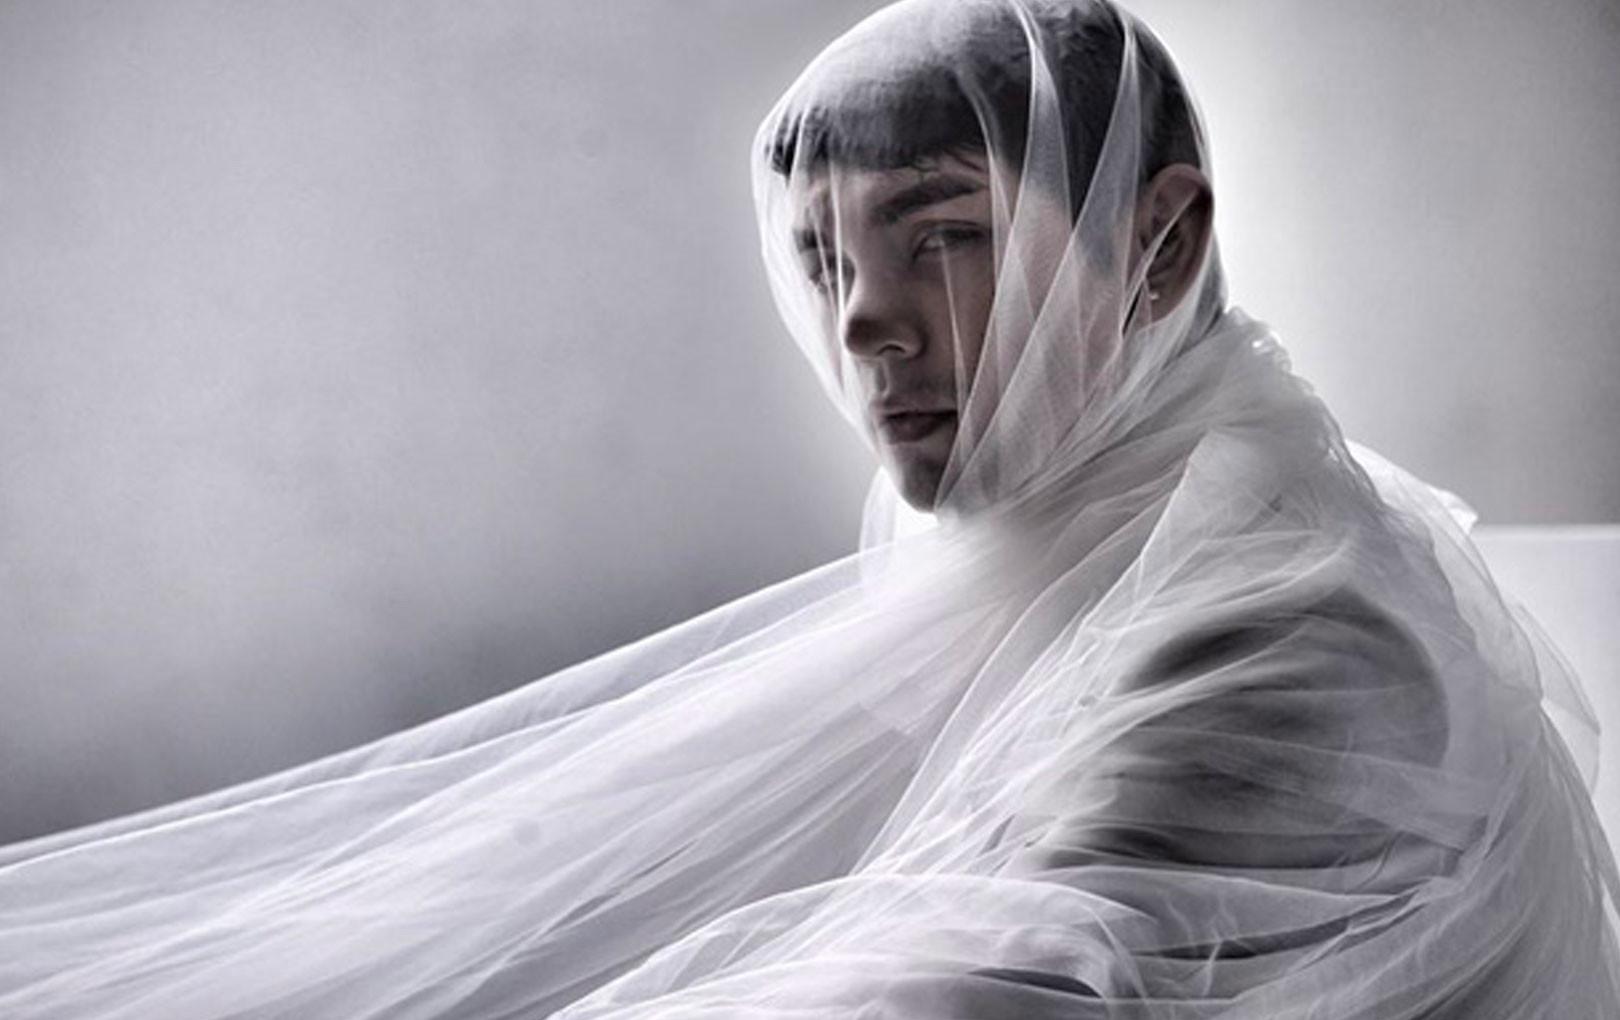 Sơn Ngọc Minh đăng ảnh đơn sắc chia sẻ về cái chết, bệnh trầm cảm sau loạt ồn ào tố Erik bạc tình